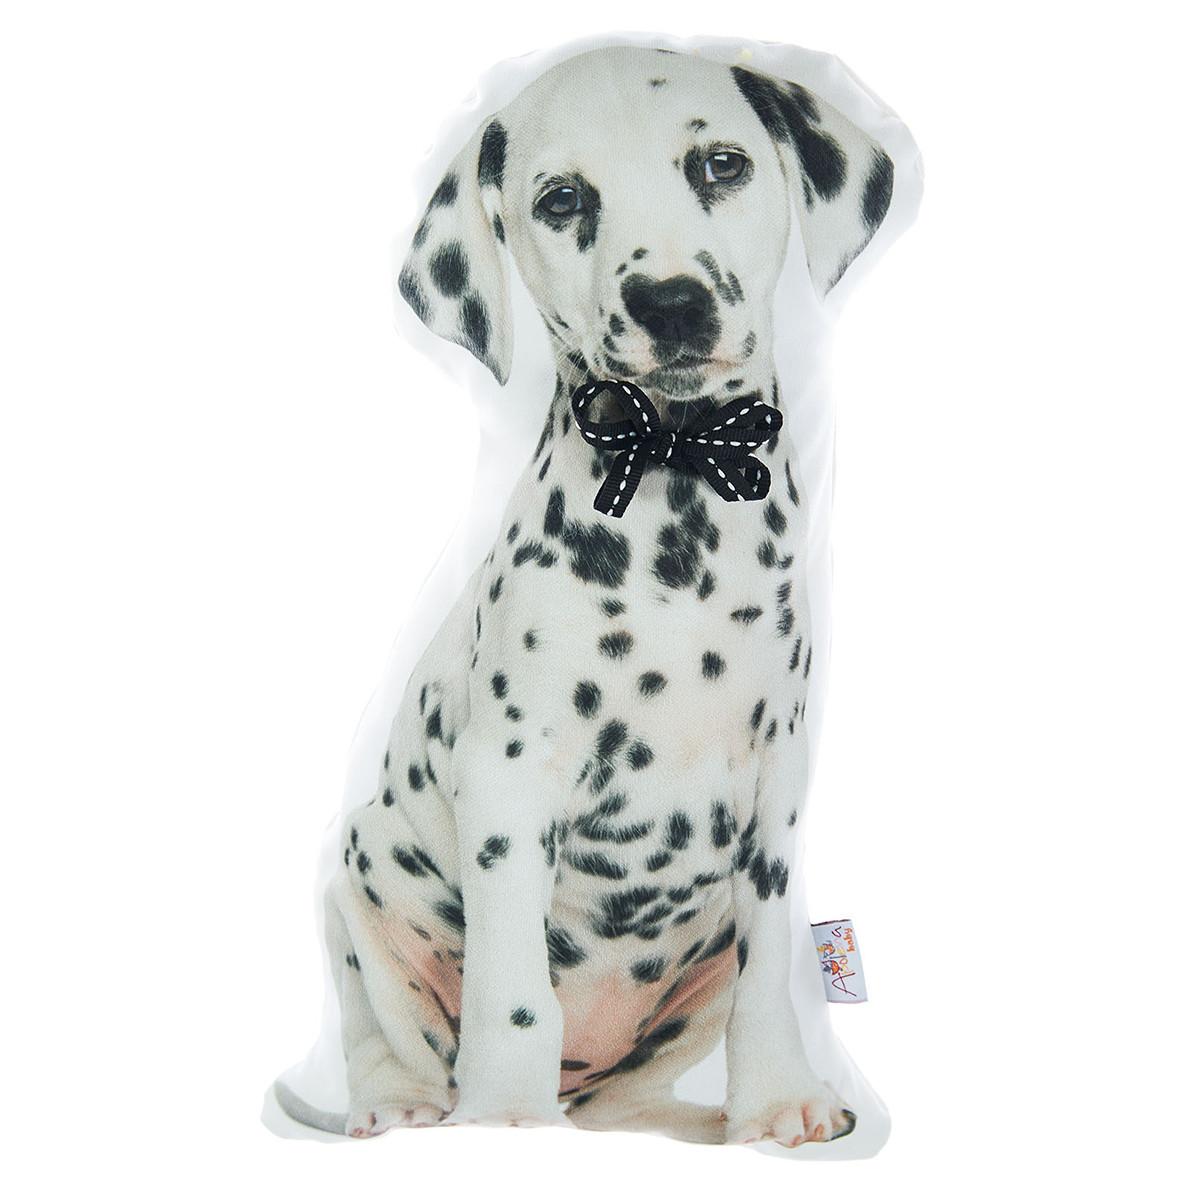 Διακοσμητικό Μαξιλάρι Σκυλάκι Apolena 730-6025/K1